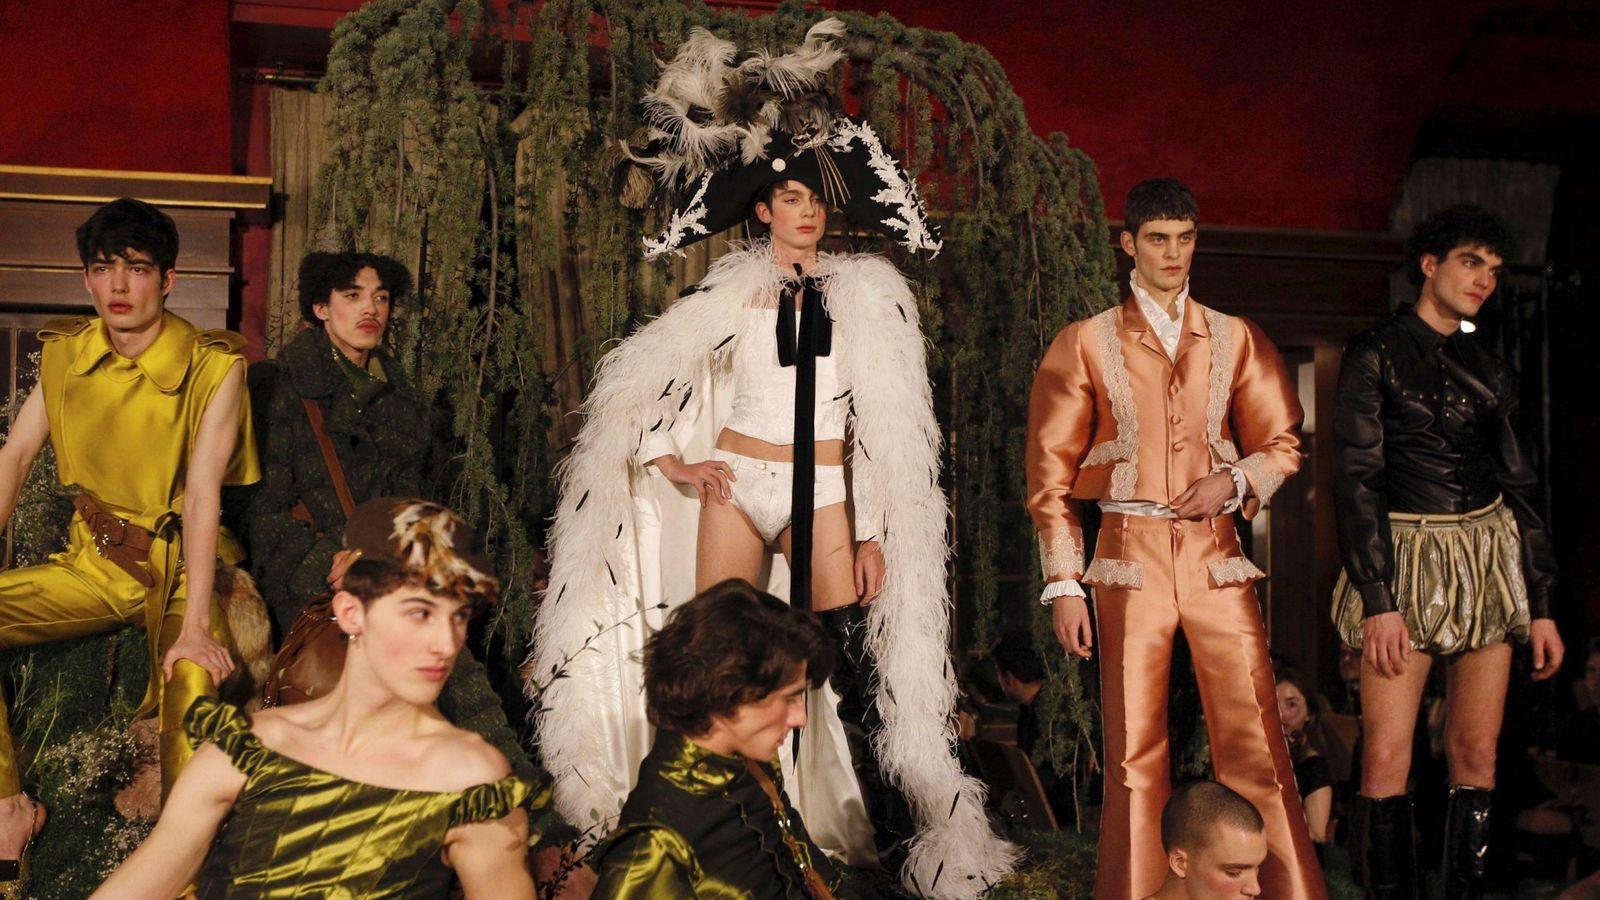 Foto: Algunos de los diseños de la colección 'The Hunting' presentada por Palomo Spain en el Teatro Real de Madrid. (Foto: EFE)